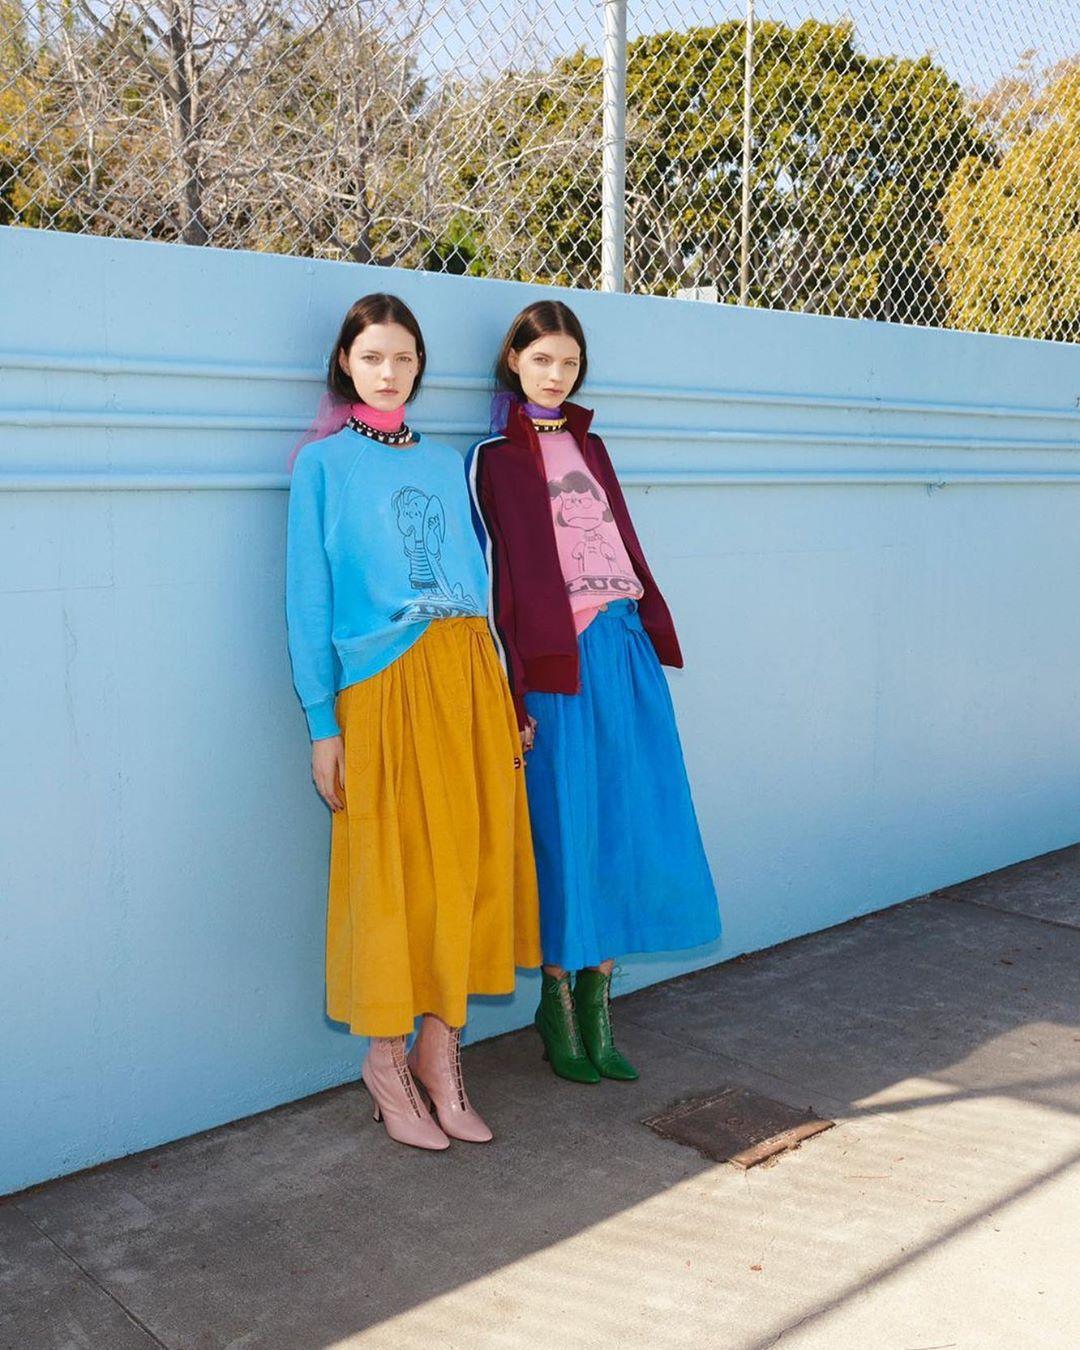 Марк Джейкобс запустил новый бренд одежды и аксессуаров-Фото 1